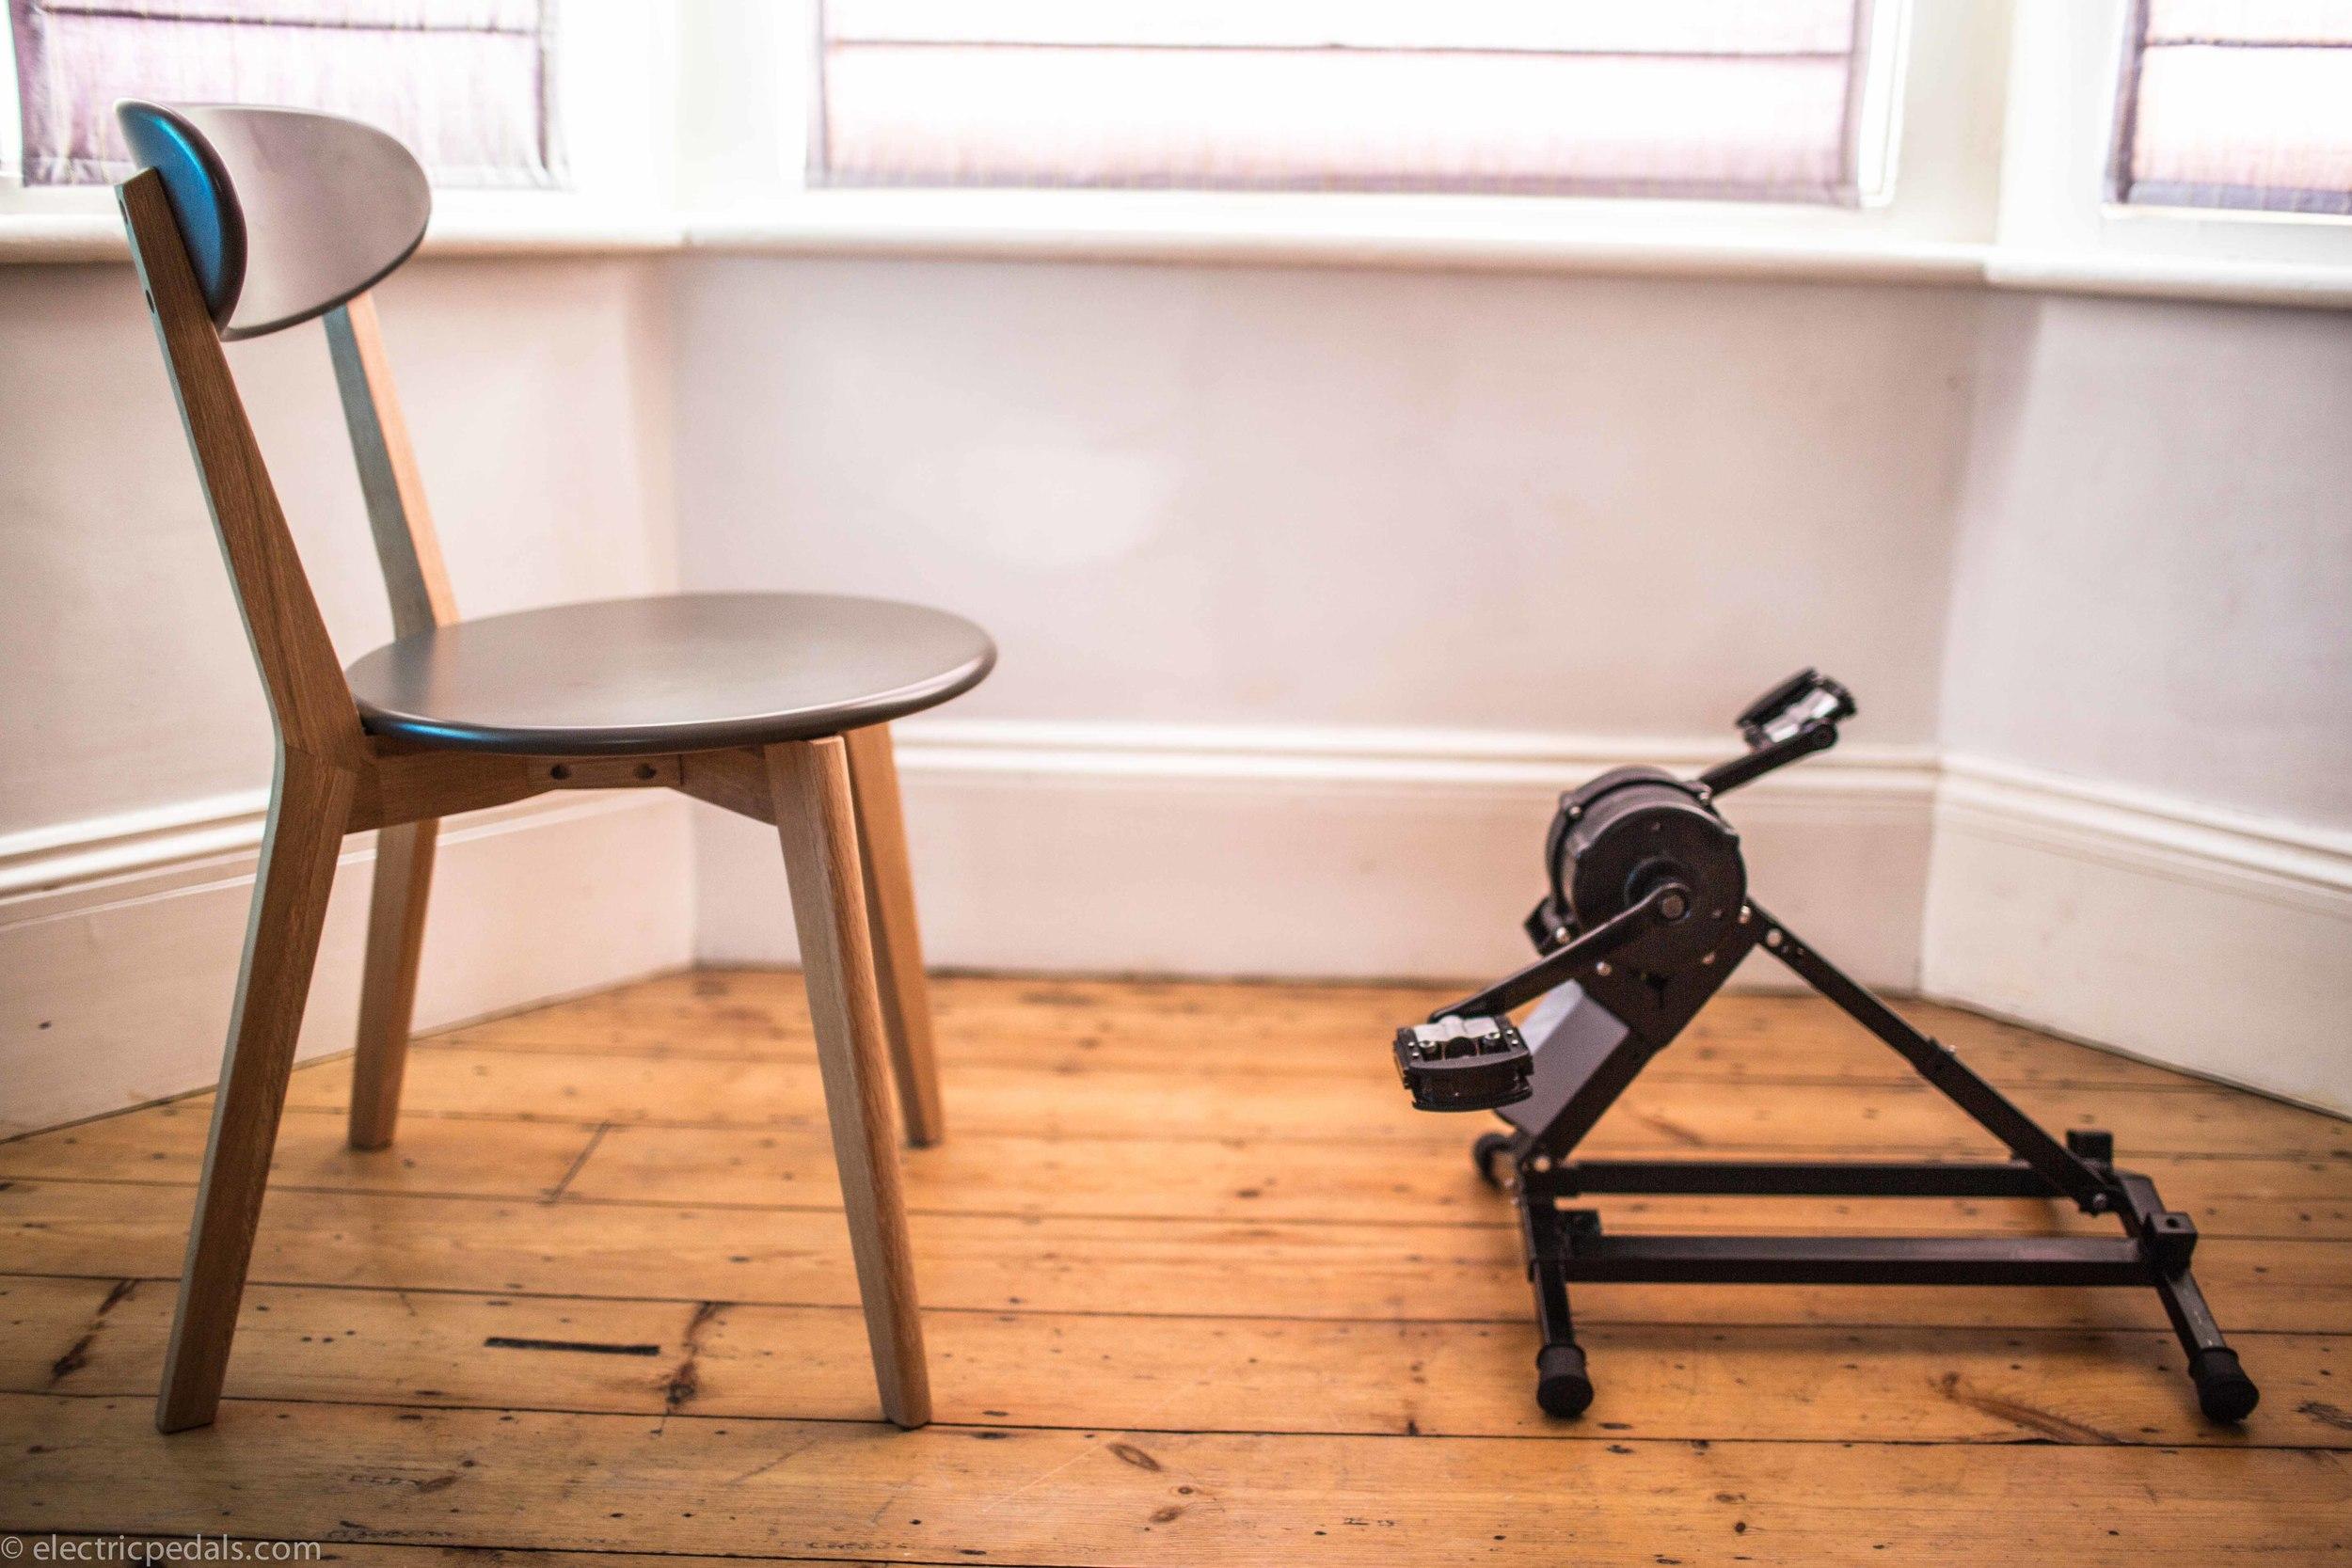 pedal desk-3